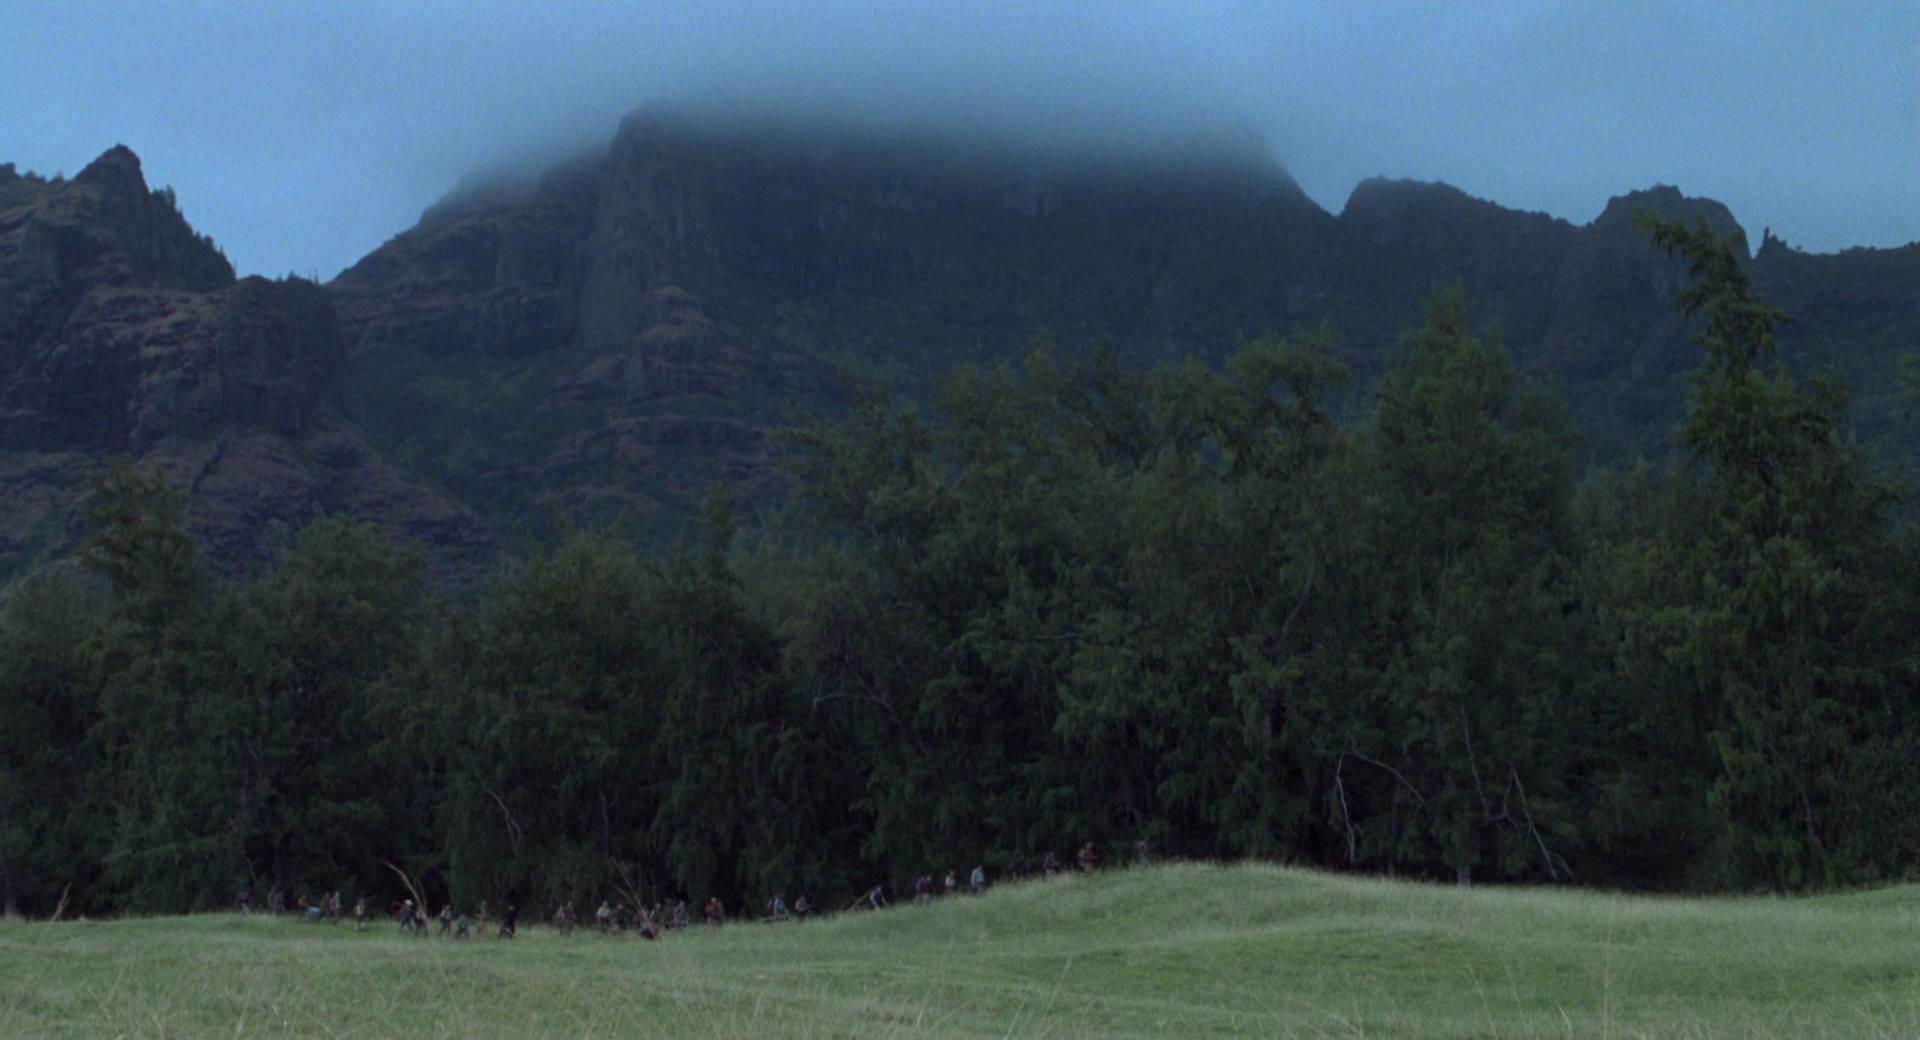 The Lost World Jurassic Park Screencaps are here Jurassic-lost-world-movie-screencaps.com-8471